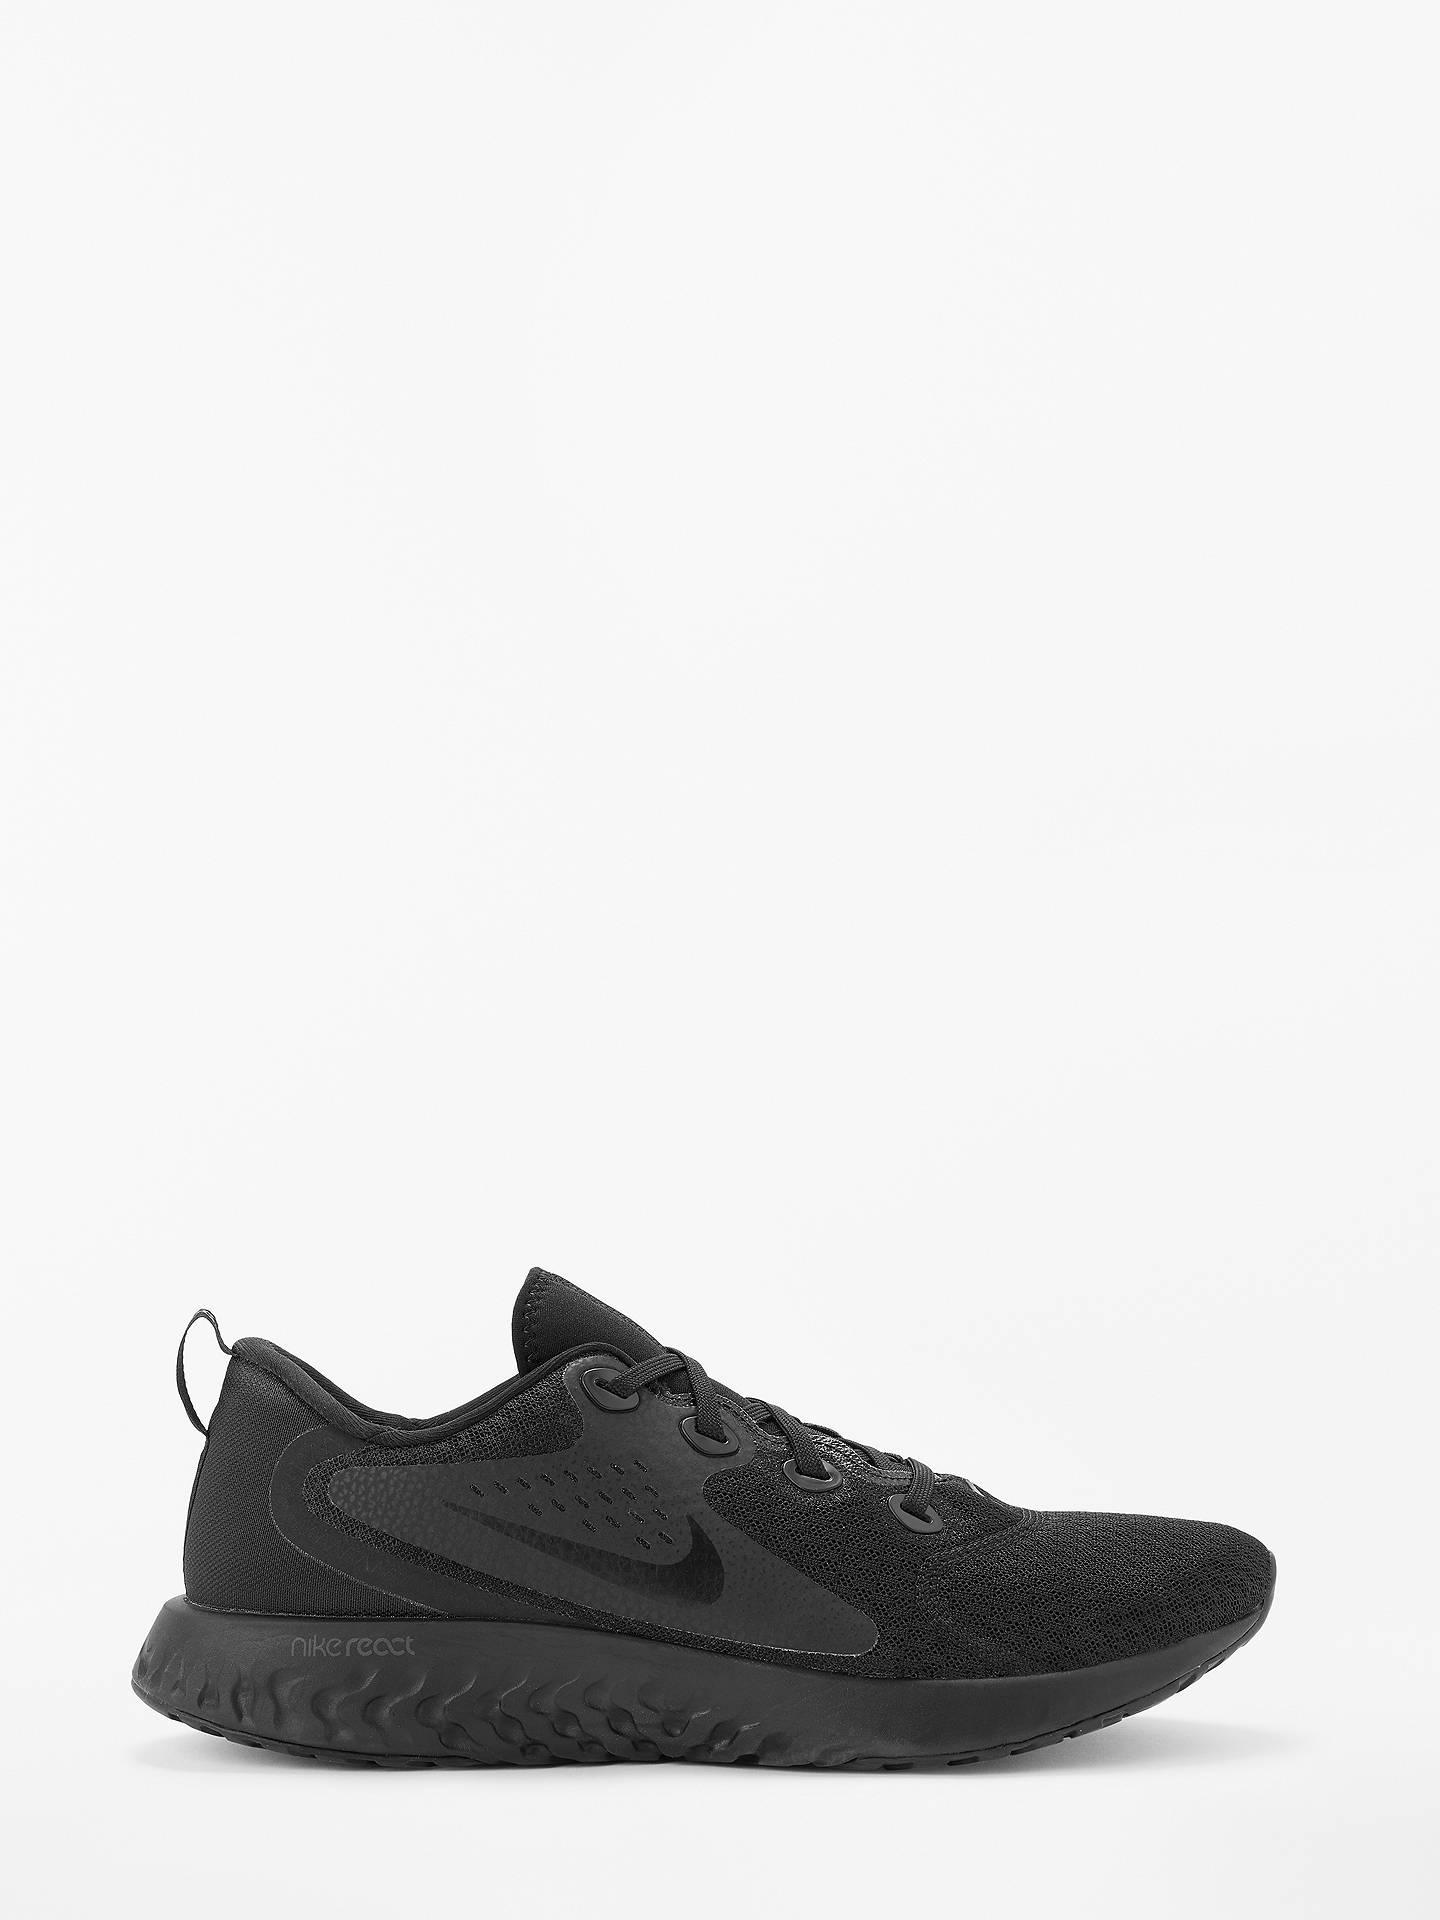 56792ddc5330 Nike Legend React Men s Running Shoe at John Lewis   Partners